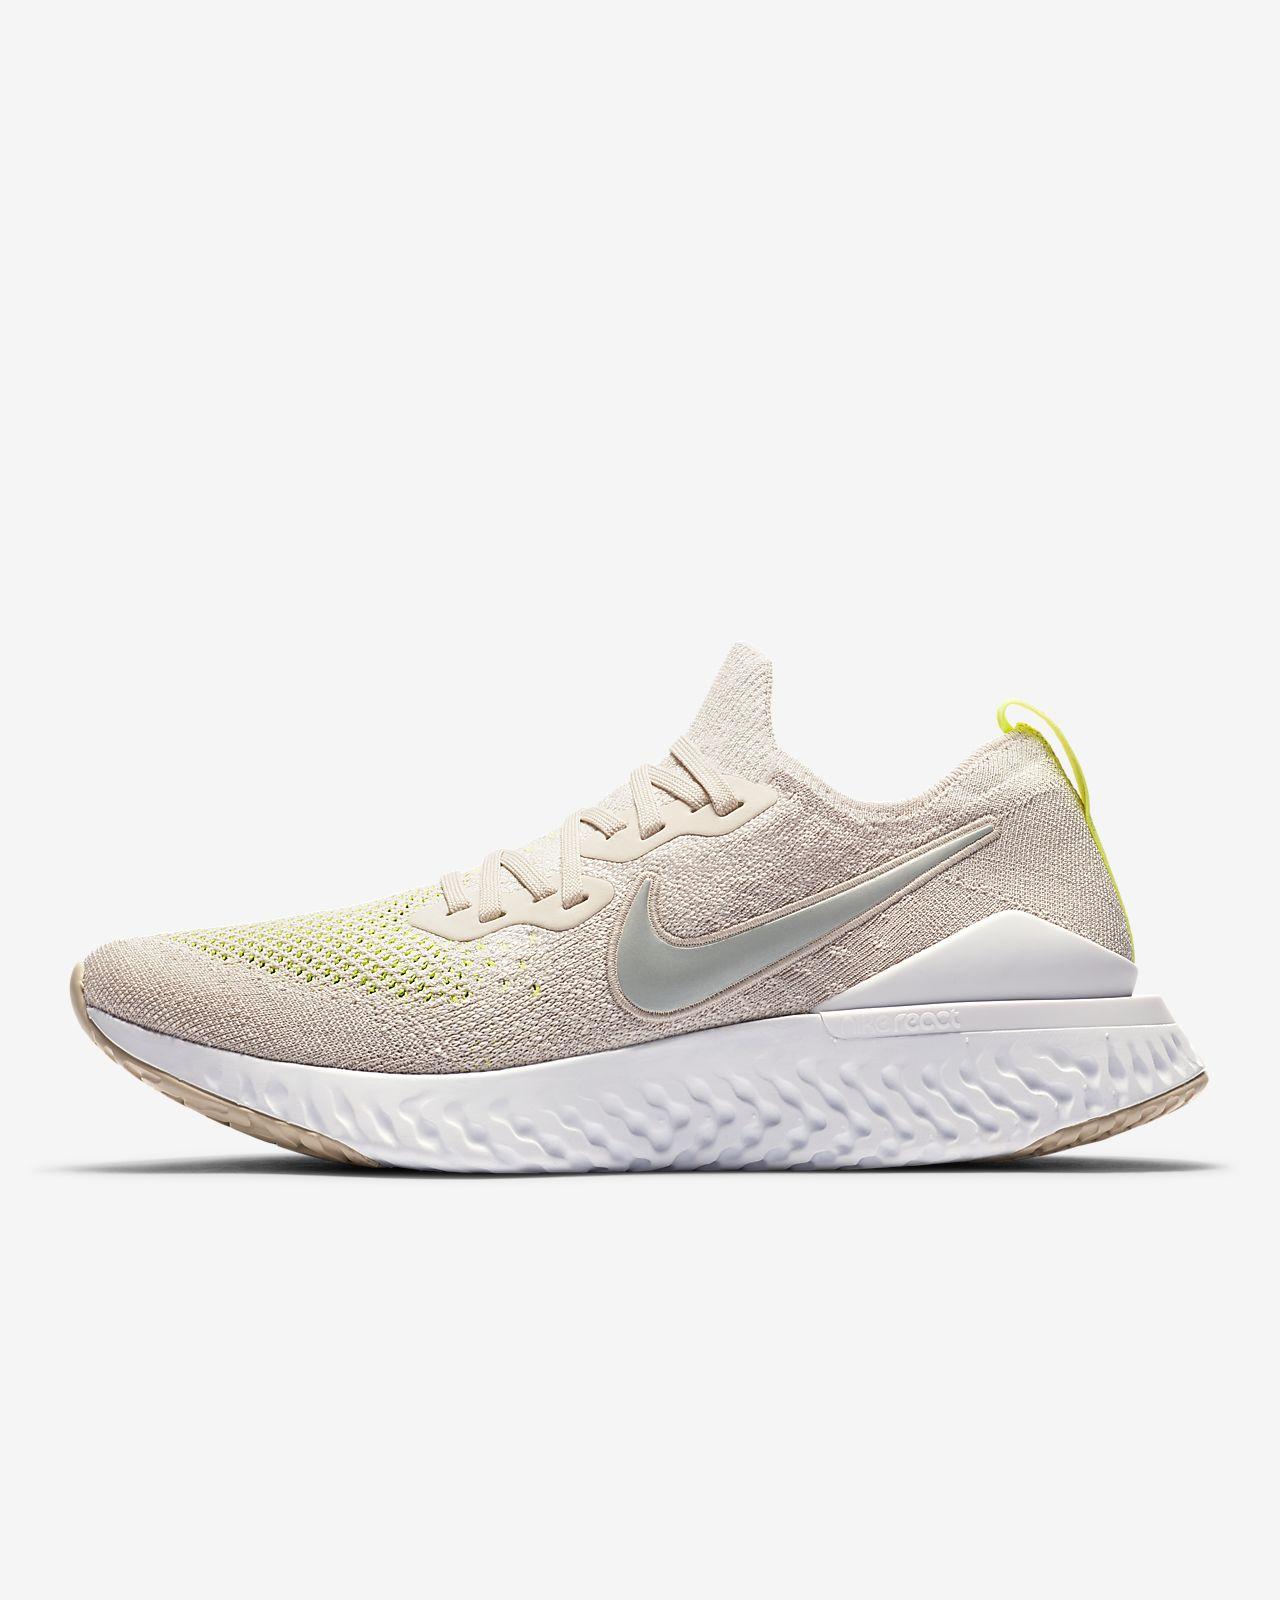 Bli kjent med Nike Epic React Flyknit løpesko